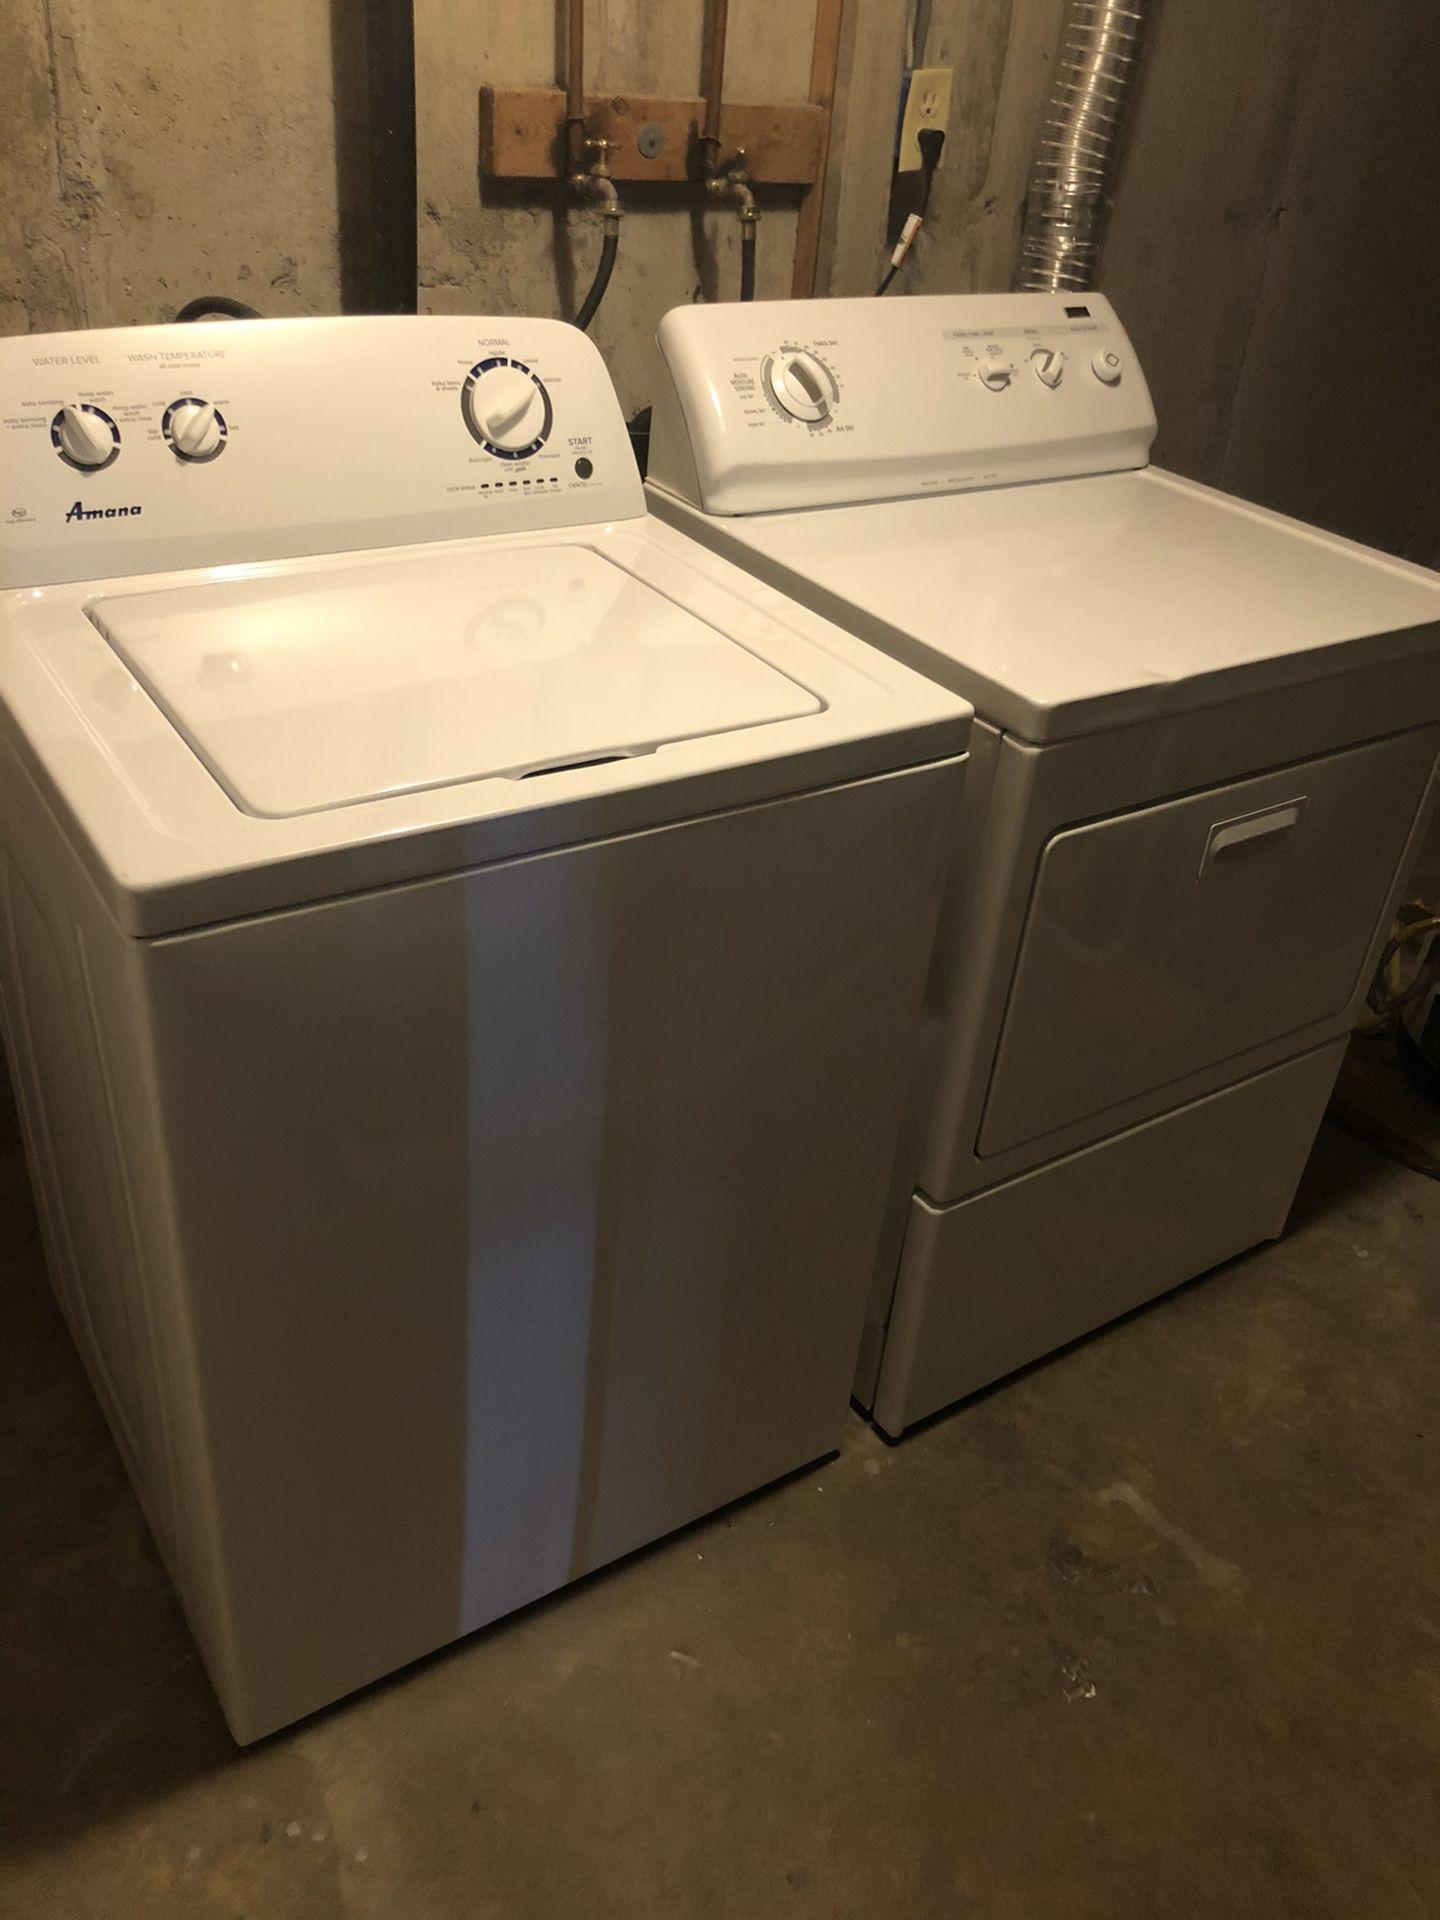 Amana washer/dryer set